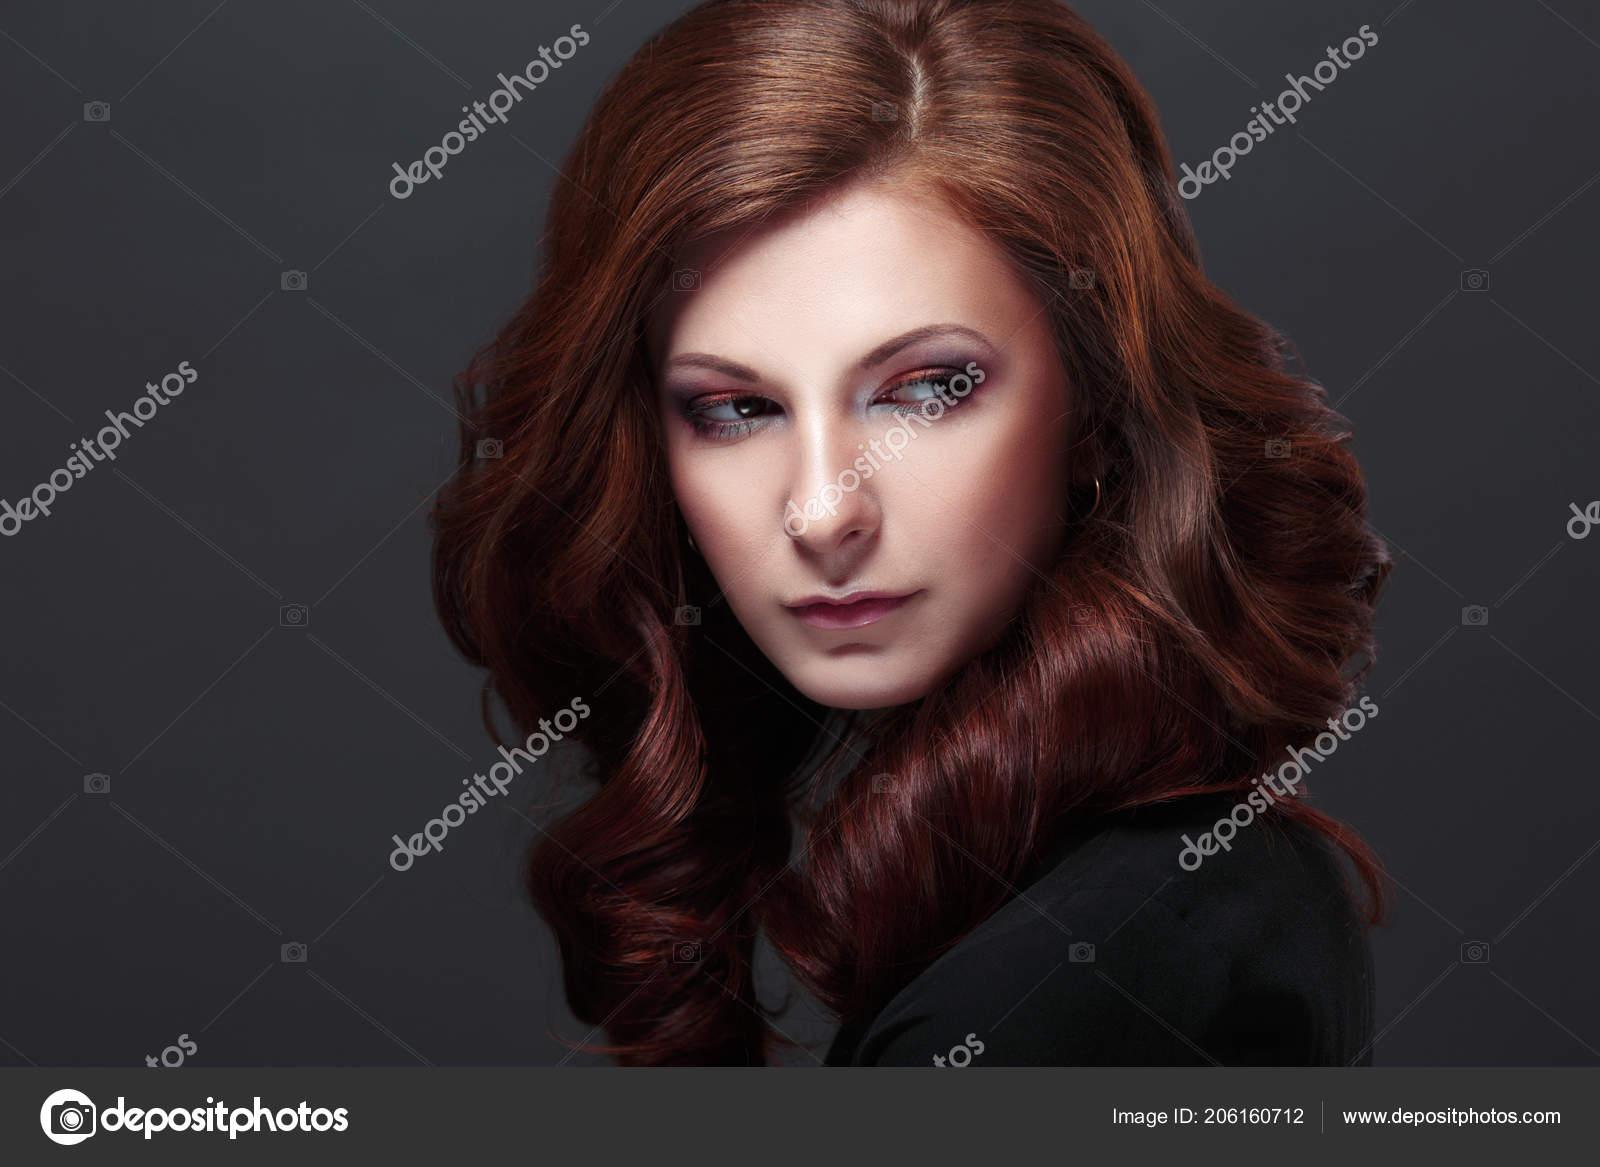 Modelo Con Pelo Largo Rizado Maquillaje Moda Peinado Sobre Fondo